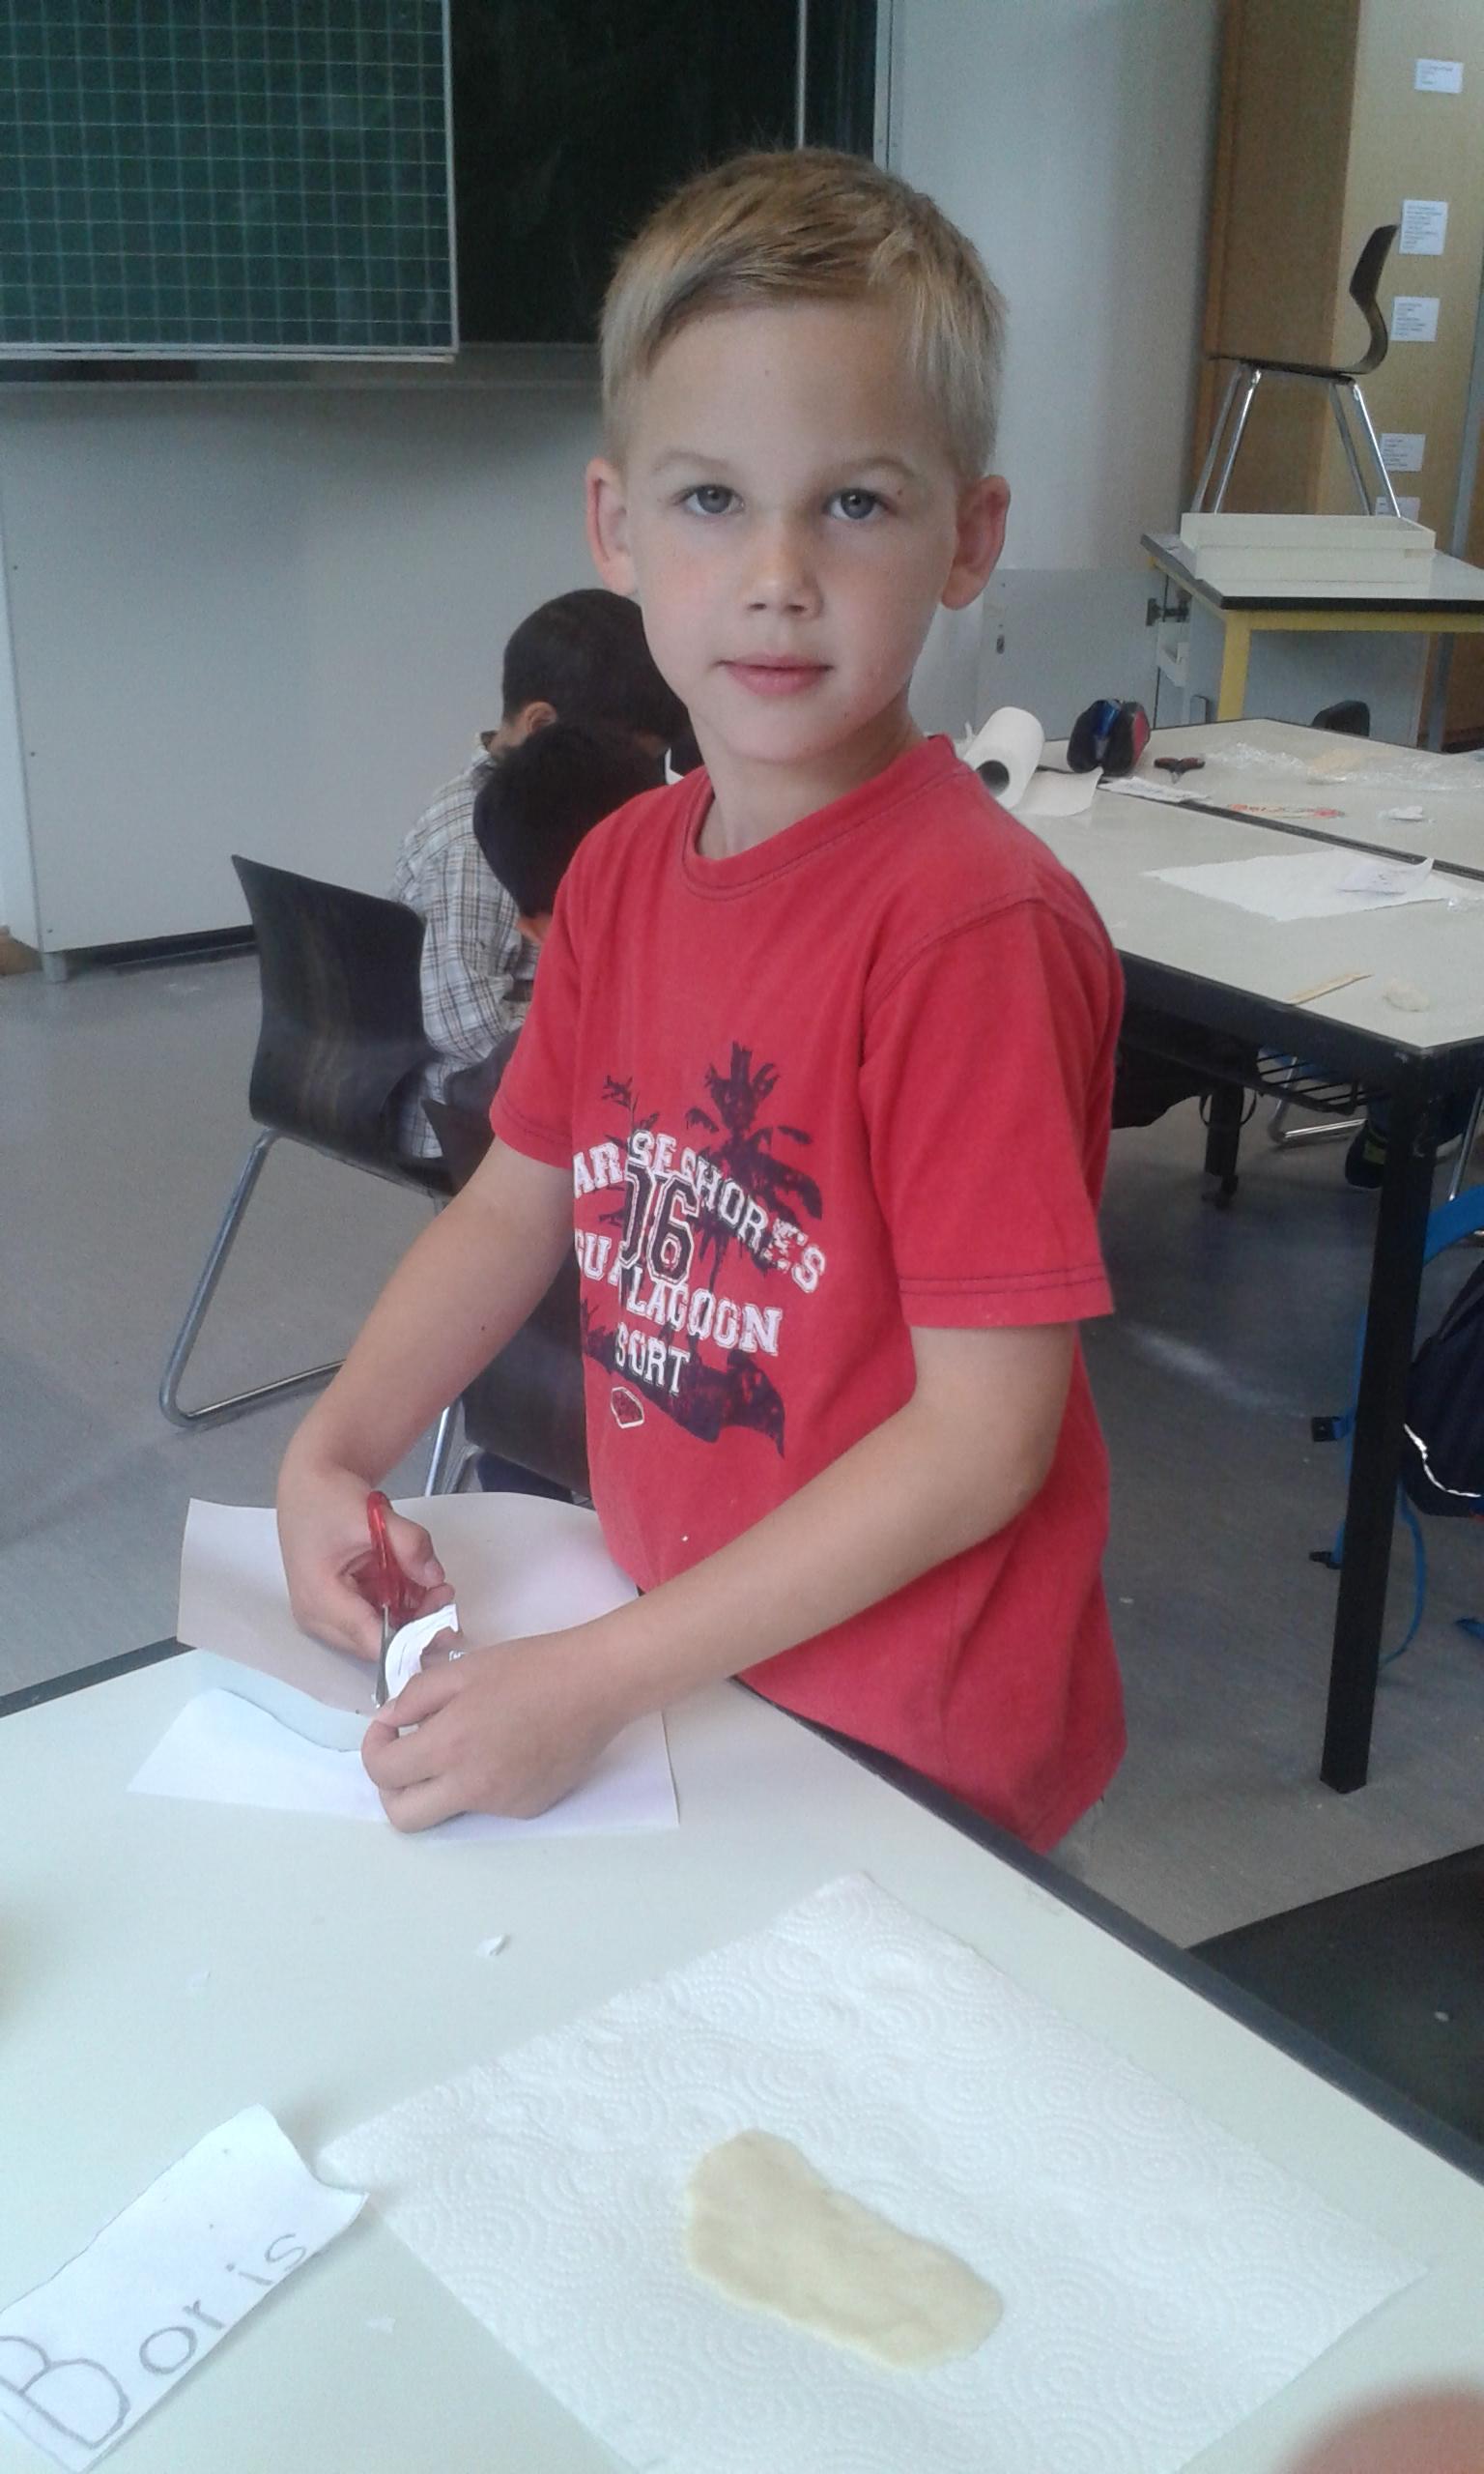 Projektwoche | Grundschule am Treppenweg